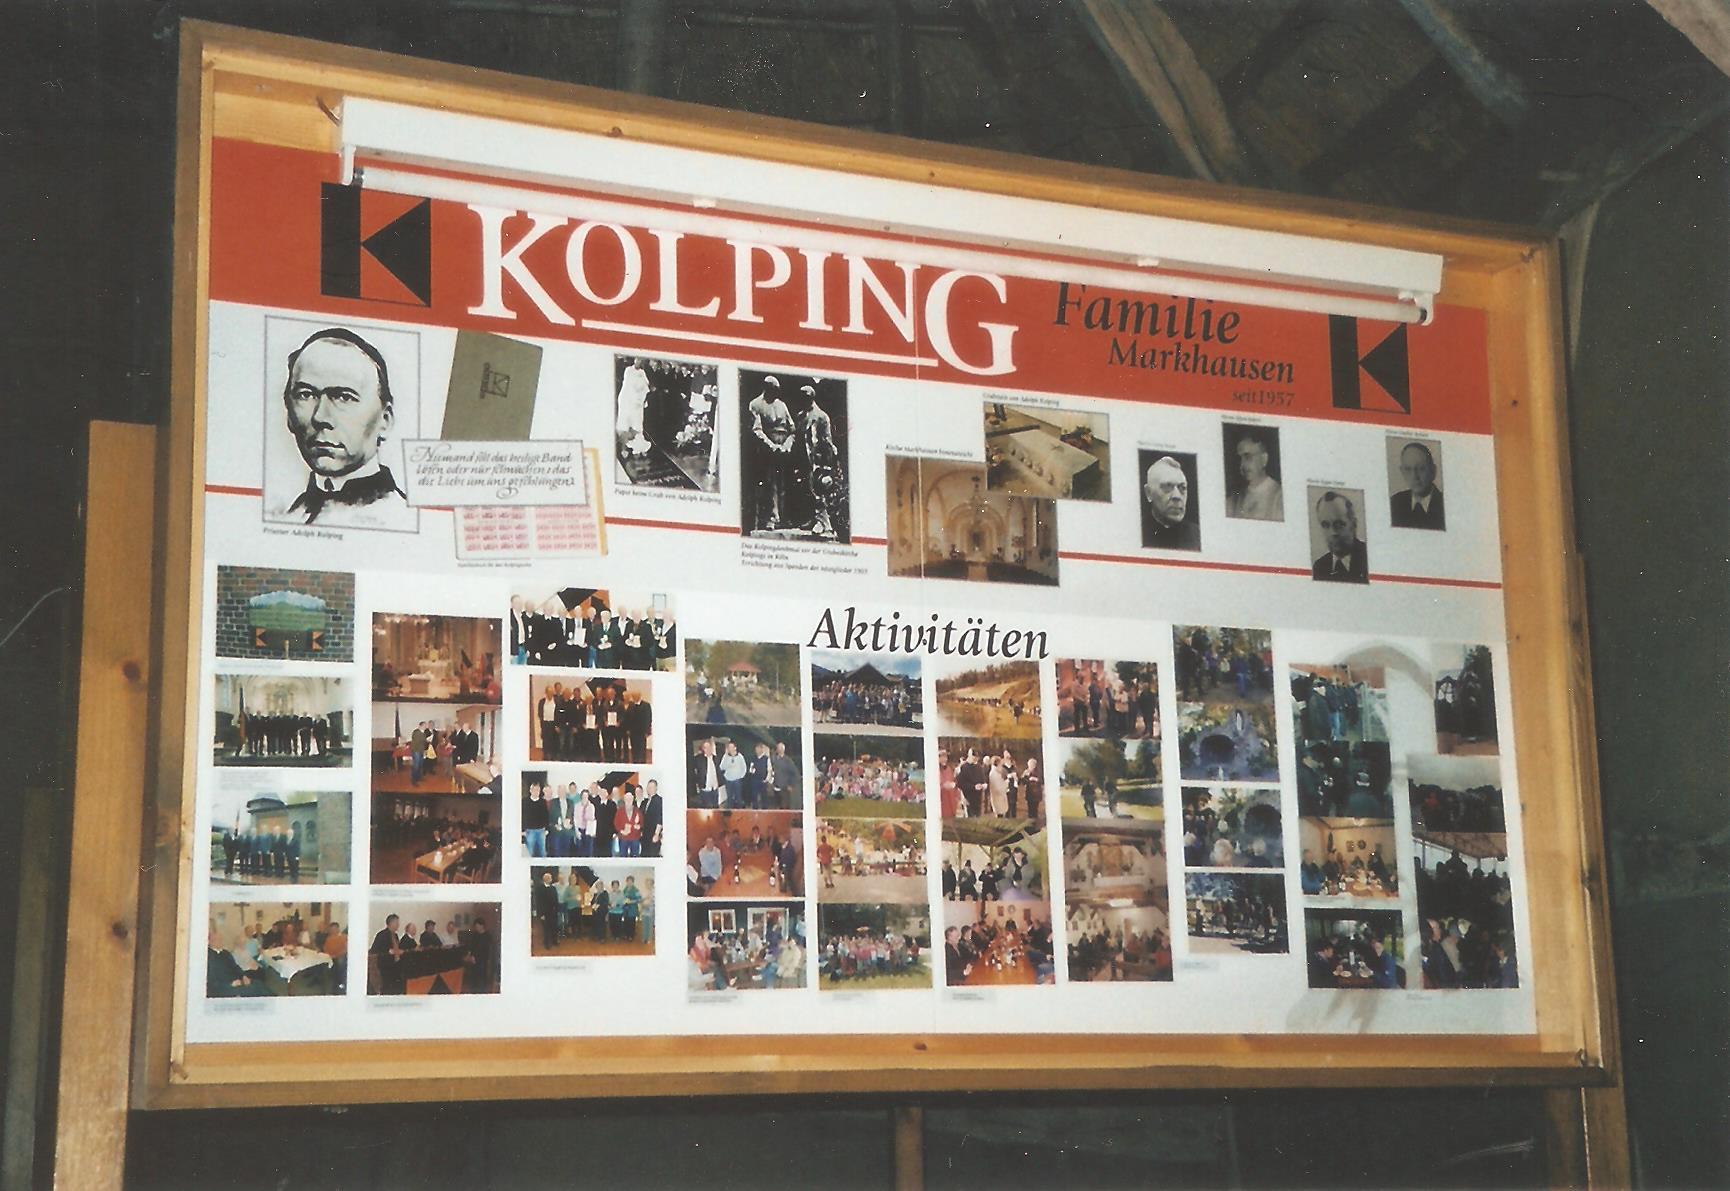 201607 Kolpingtafel in der Gehlenborgschen Scheune 001